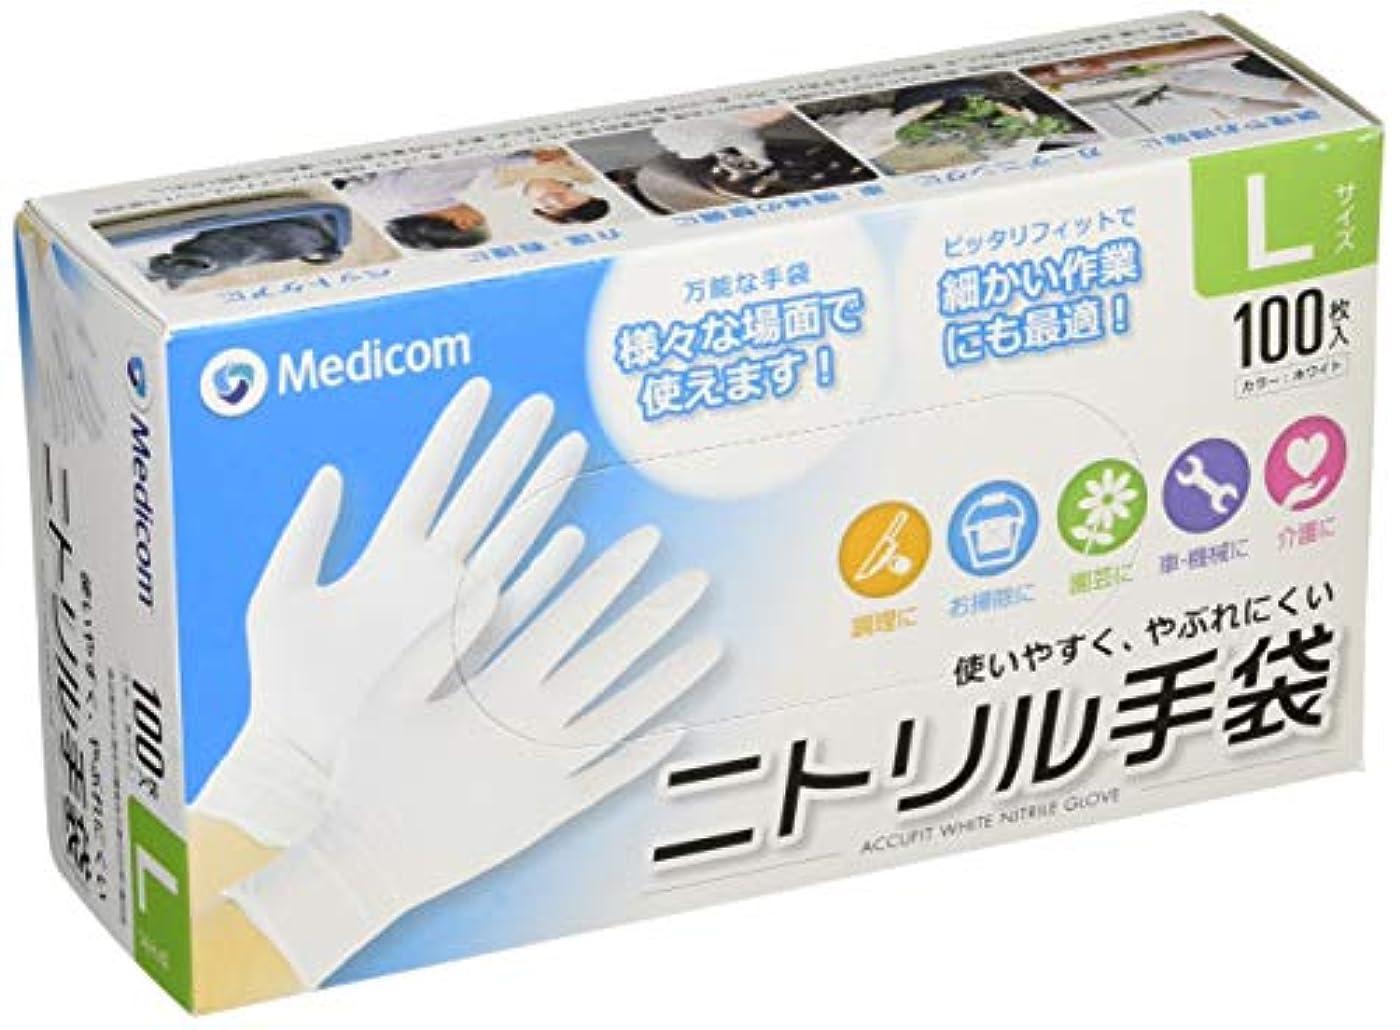 マンモス毛布穏やかなアキュフィット ホワイト ニトリル手袋 Lサイズ ACFJN1284D